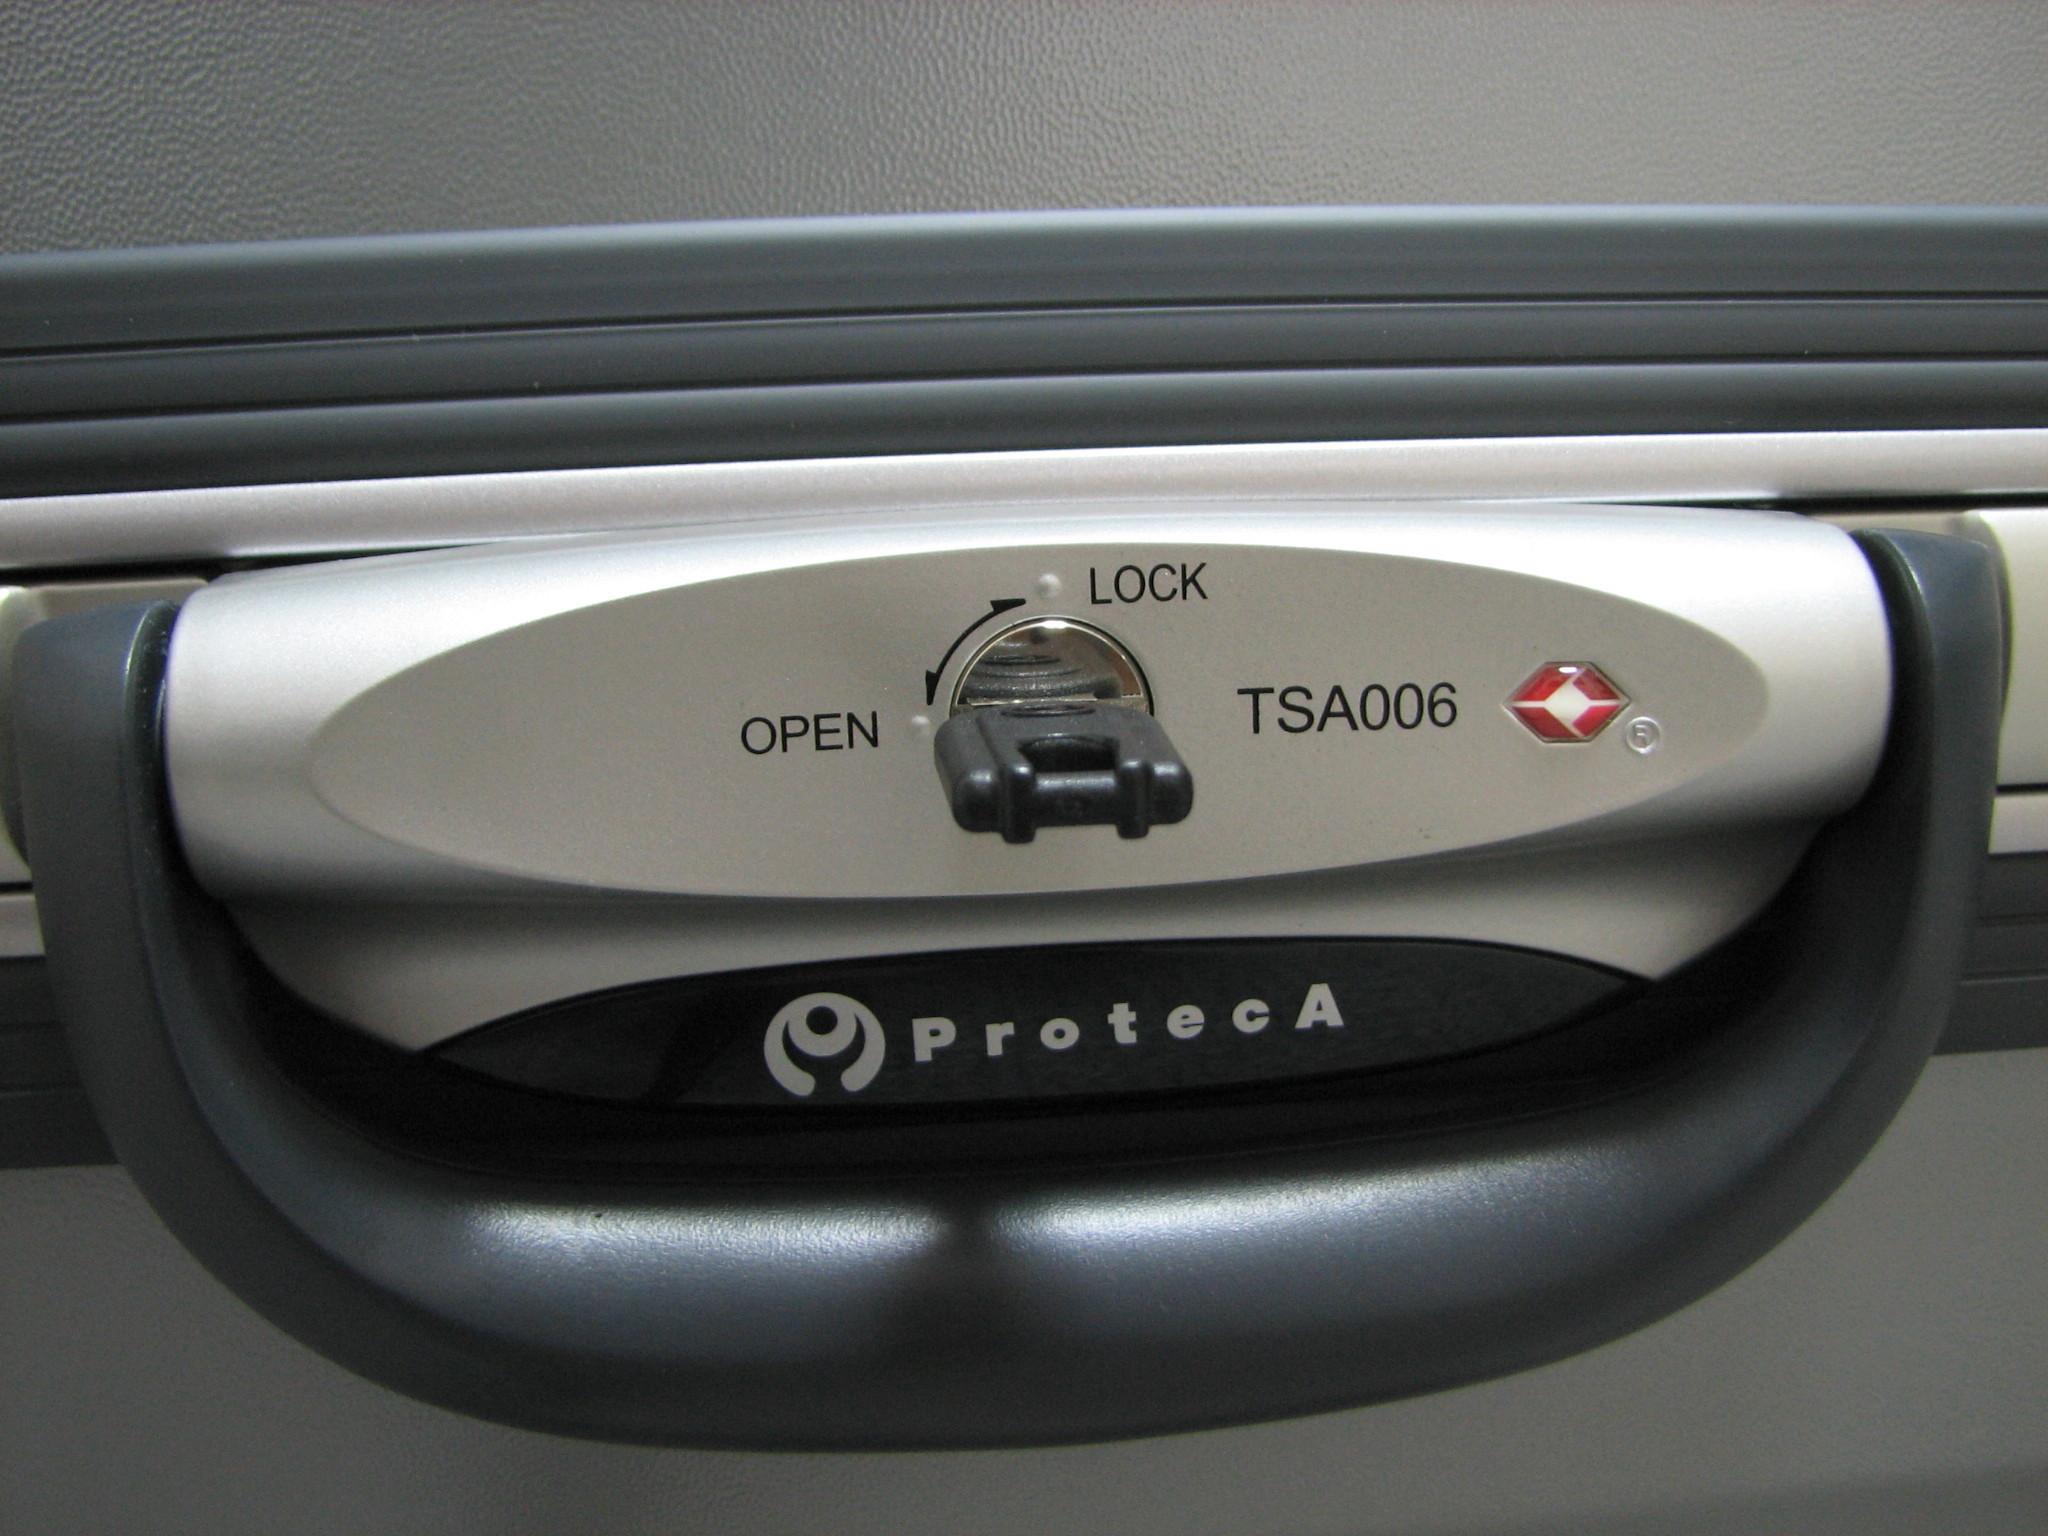 Luggage lock - Wikipedia